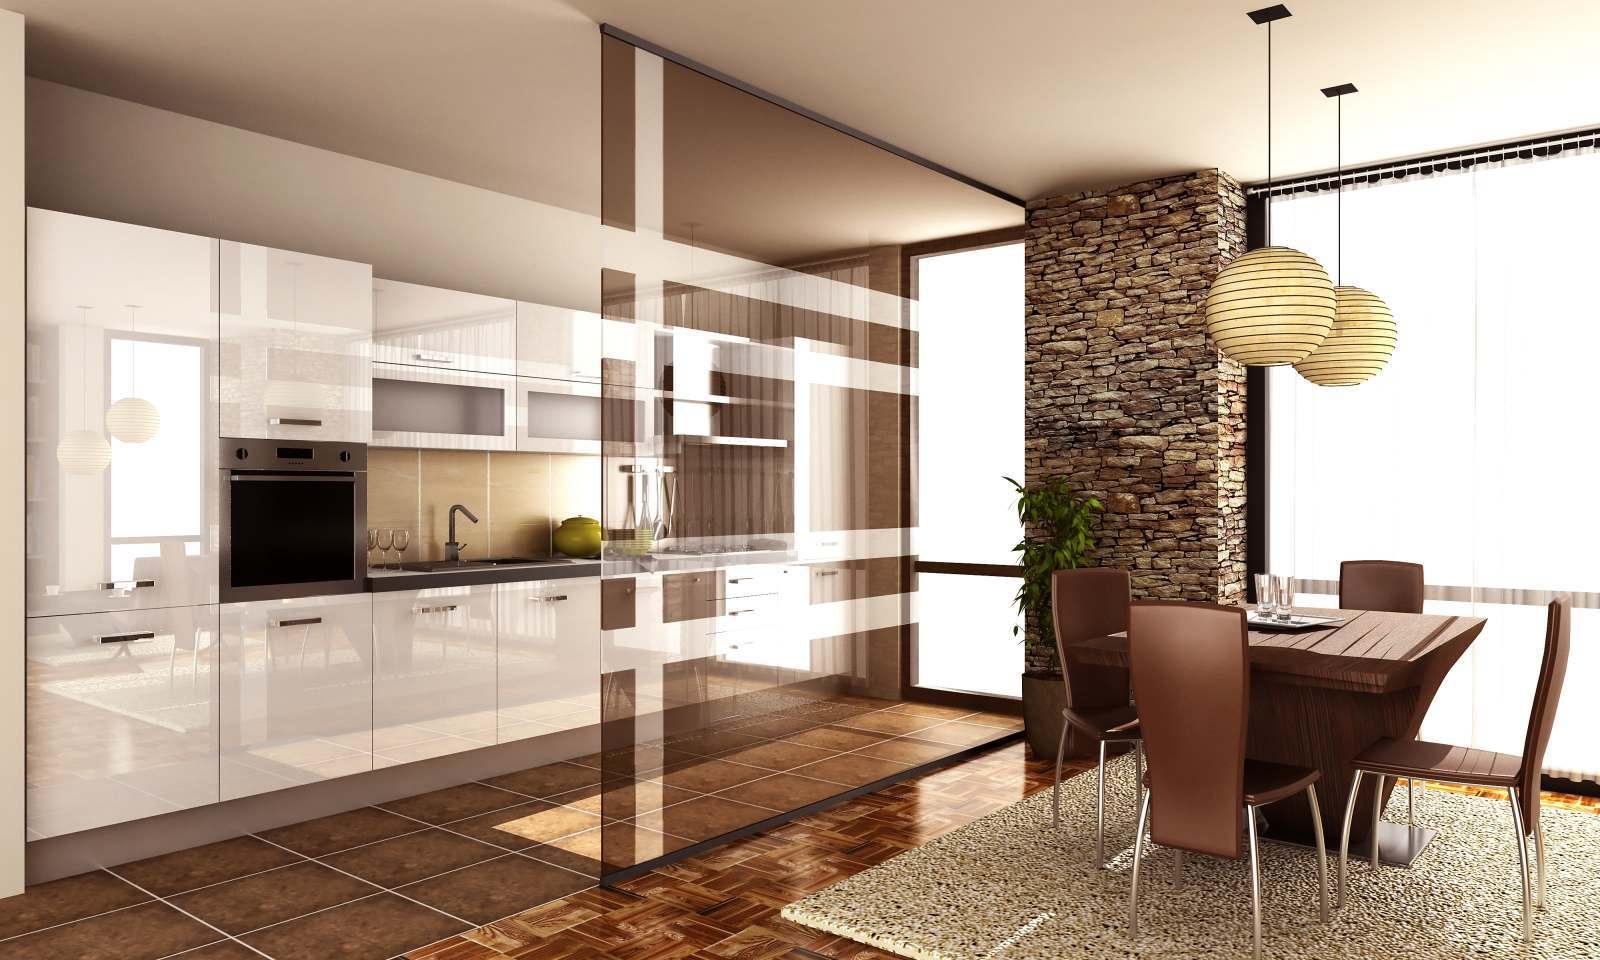 vetrata da interno divide la cucina dal solotto